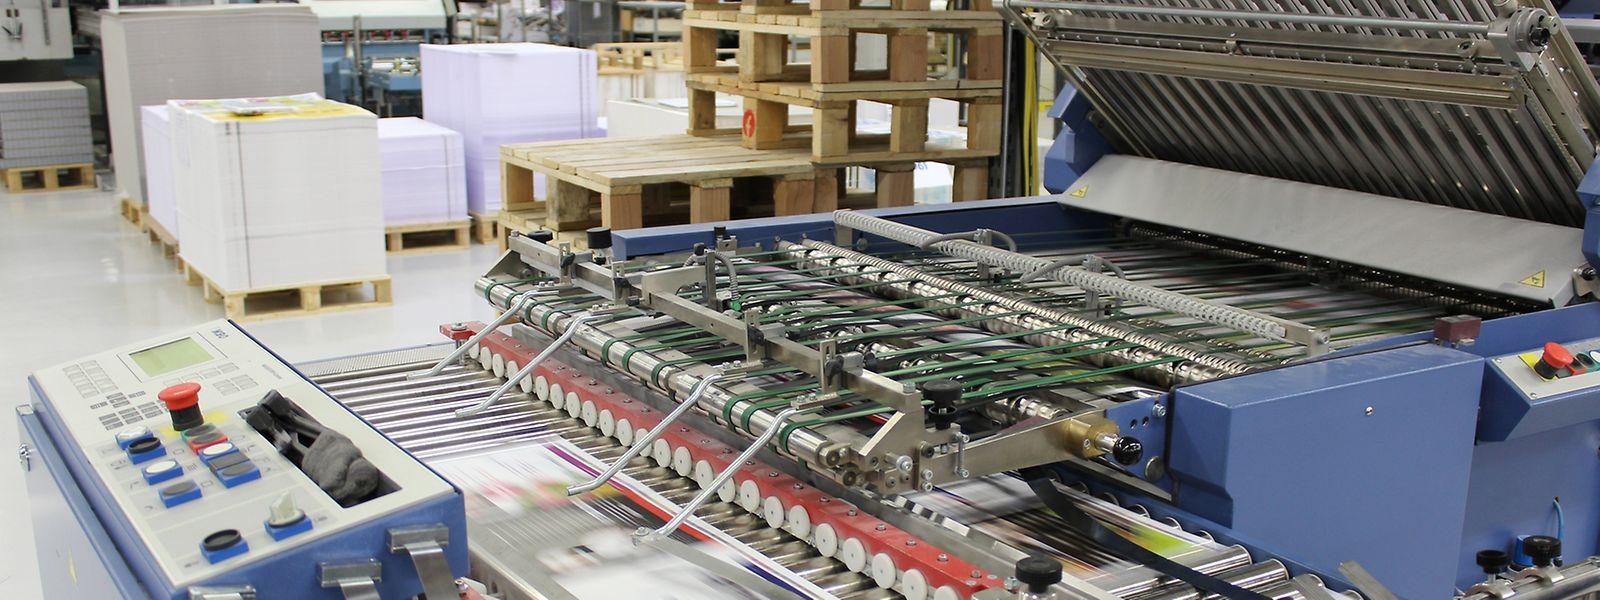 La salle d'impression à Mersch de l'Imprimerie Faber.